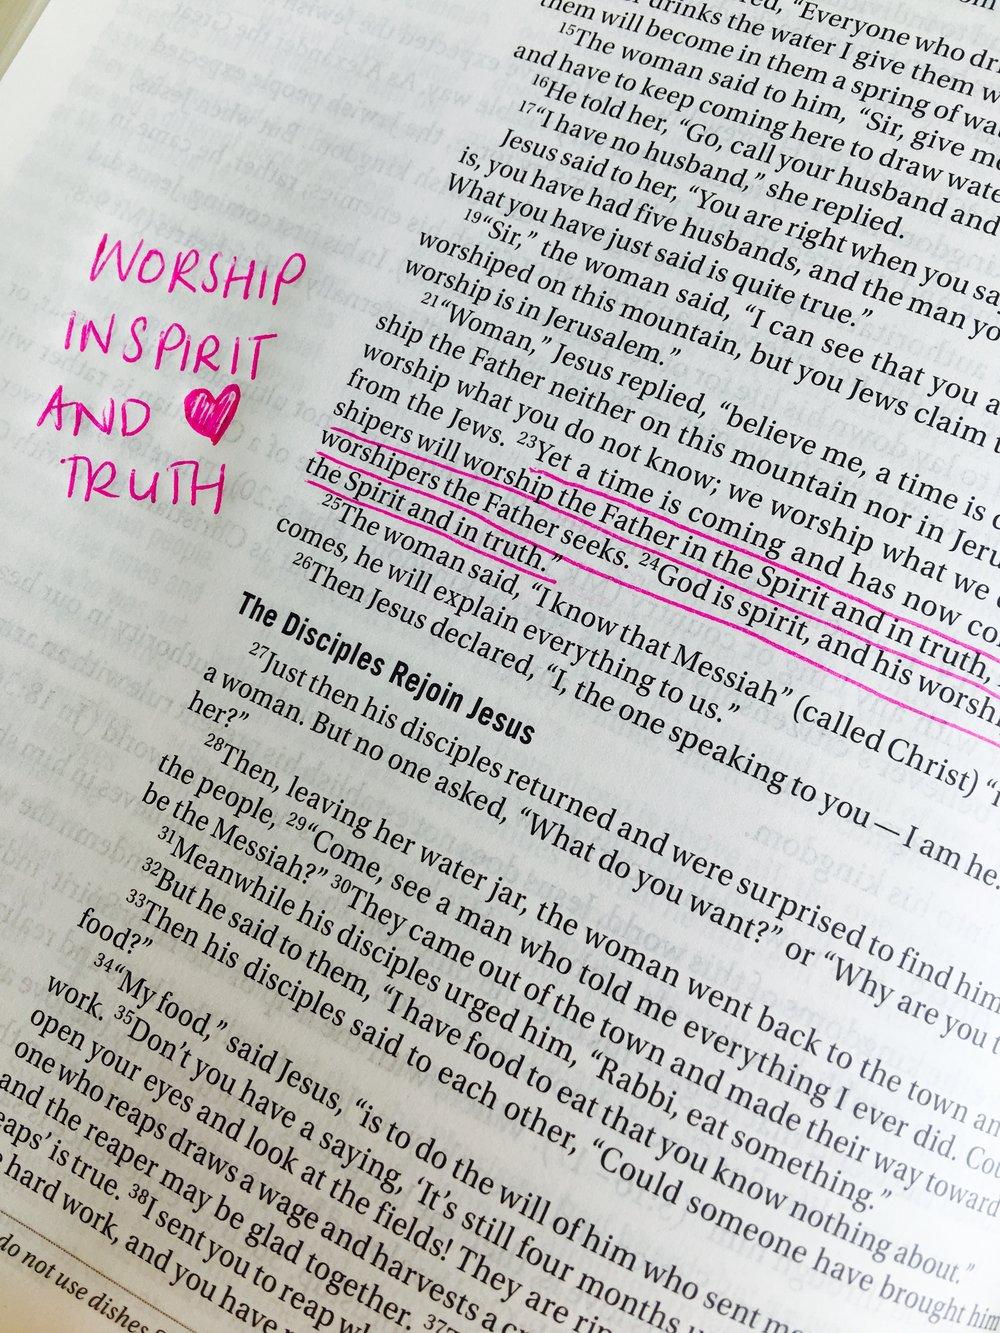 John 4:23-24 [NIV]